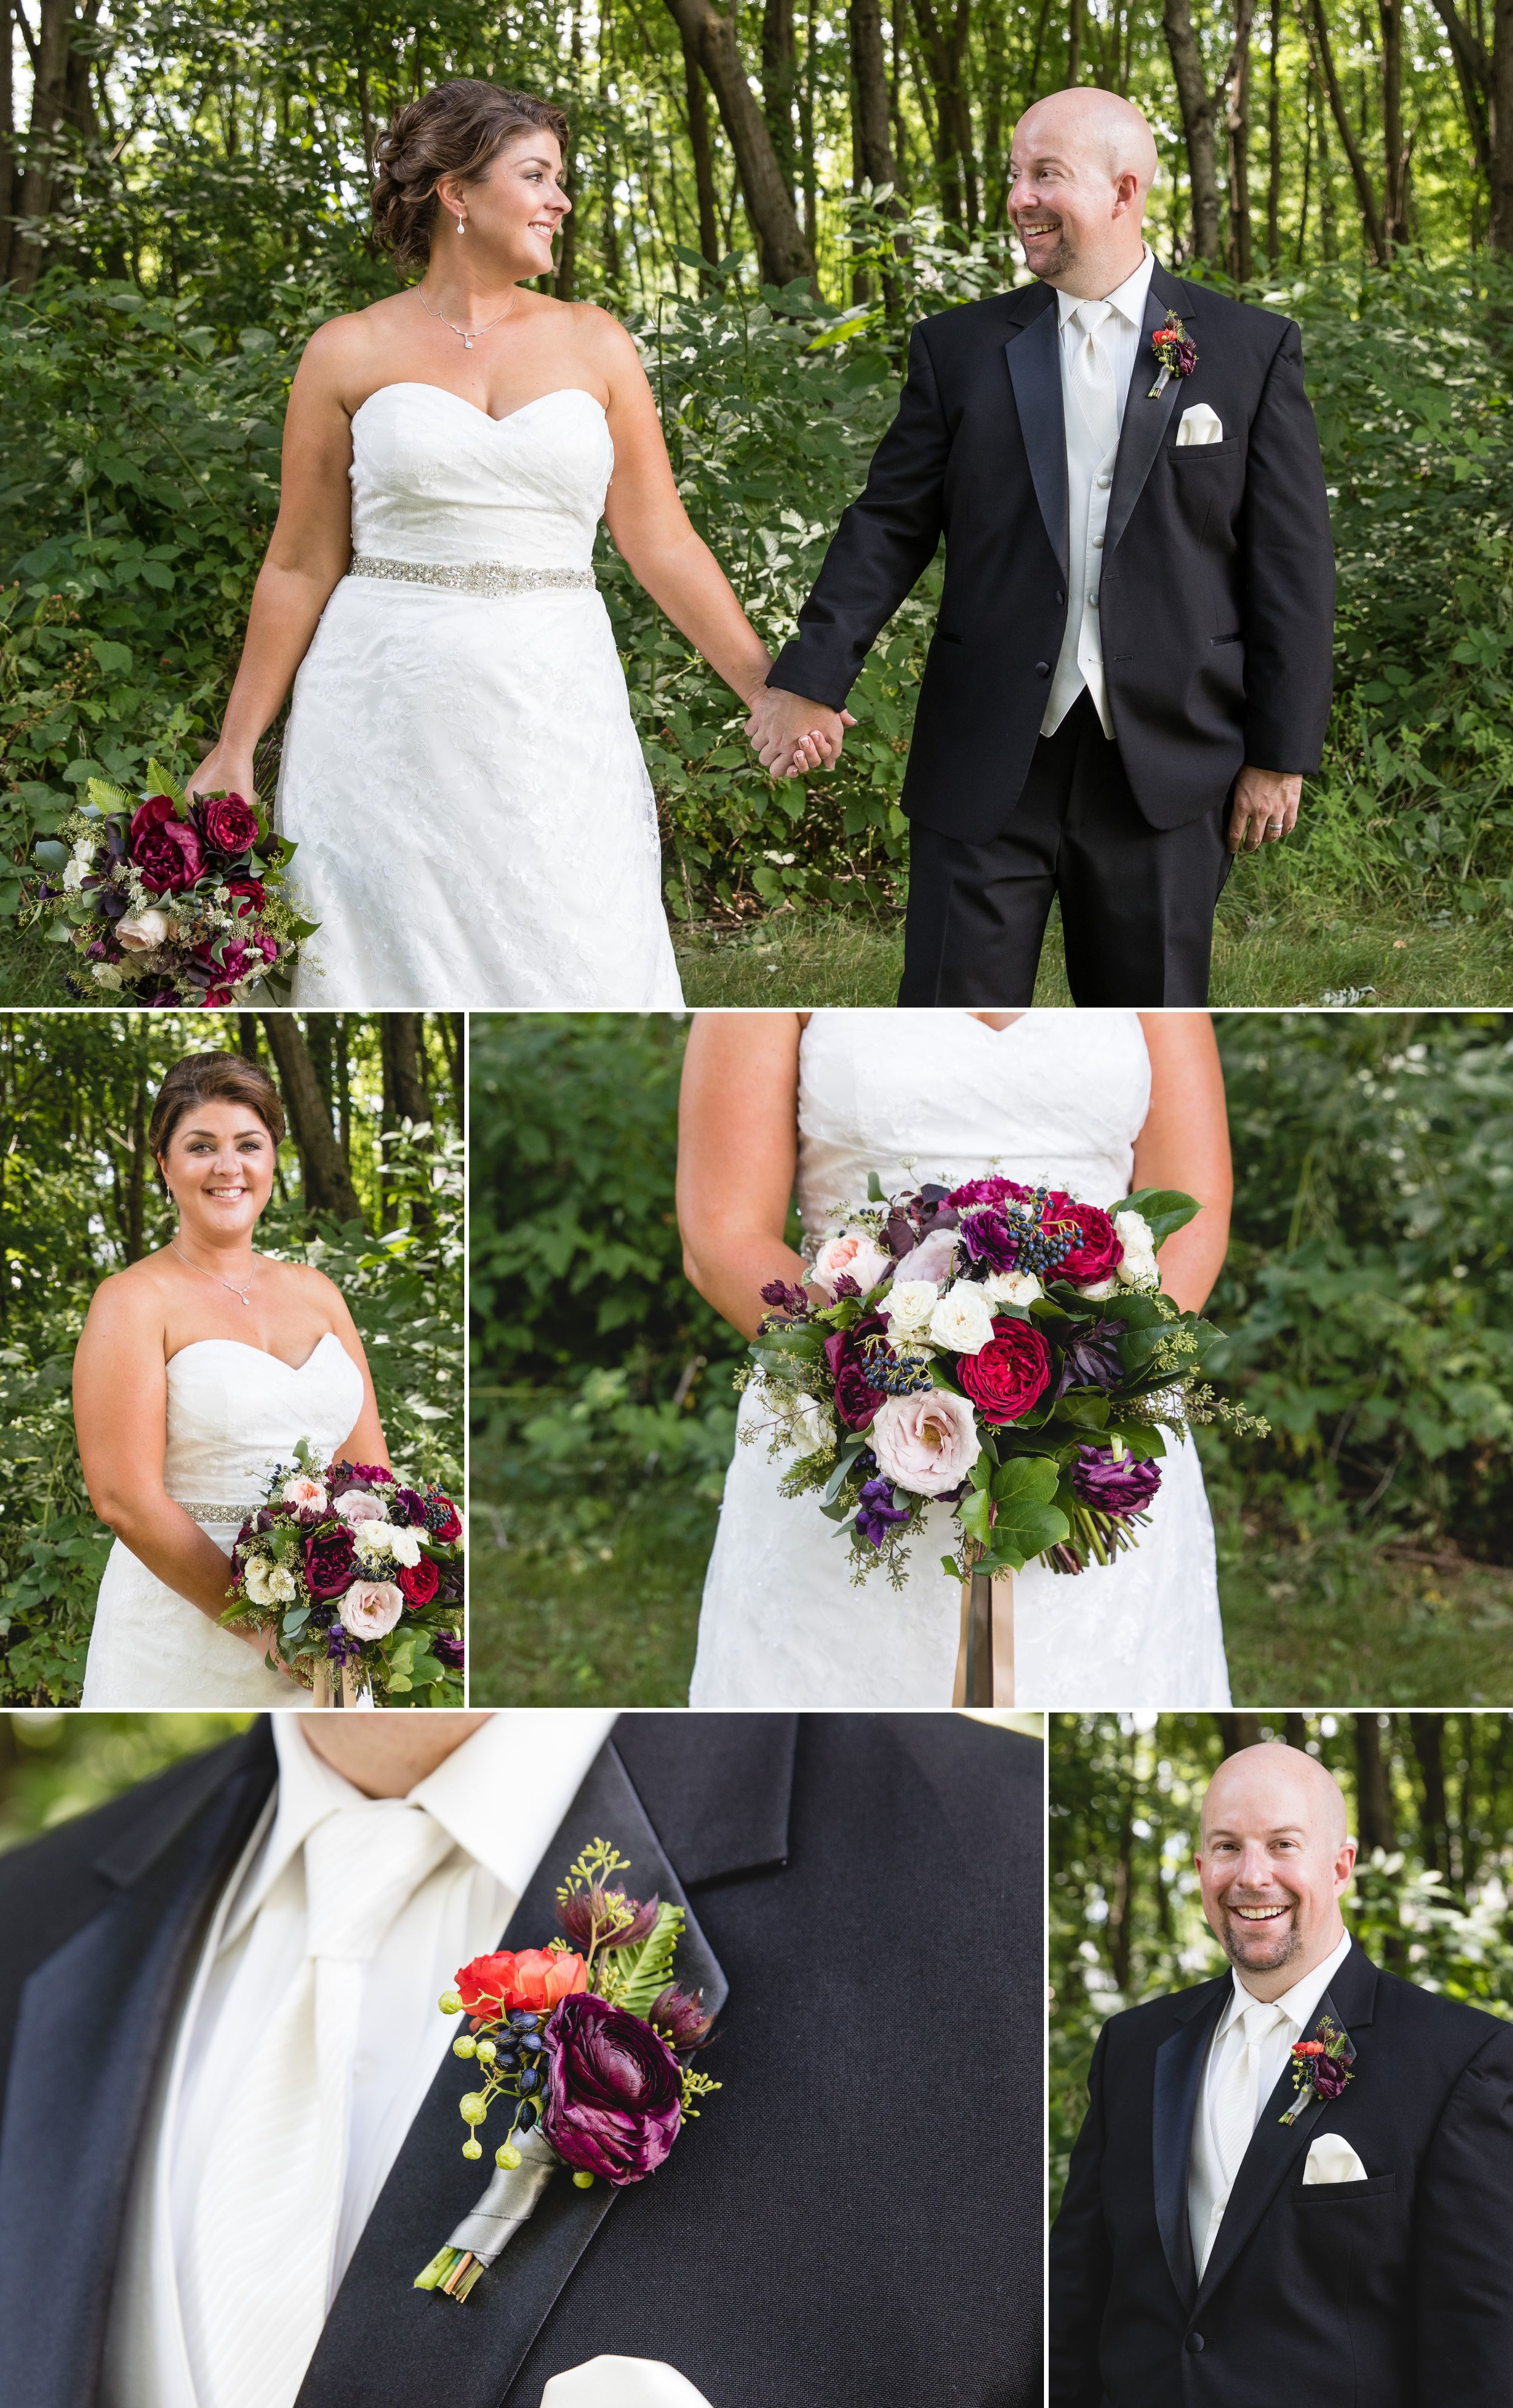 007-Buckeye-lake-winery-wedding-couple-wedding-party-portraits-columbus-ohio-wedding-muschlitz-photography-bouquet-flowers-05.JPG